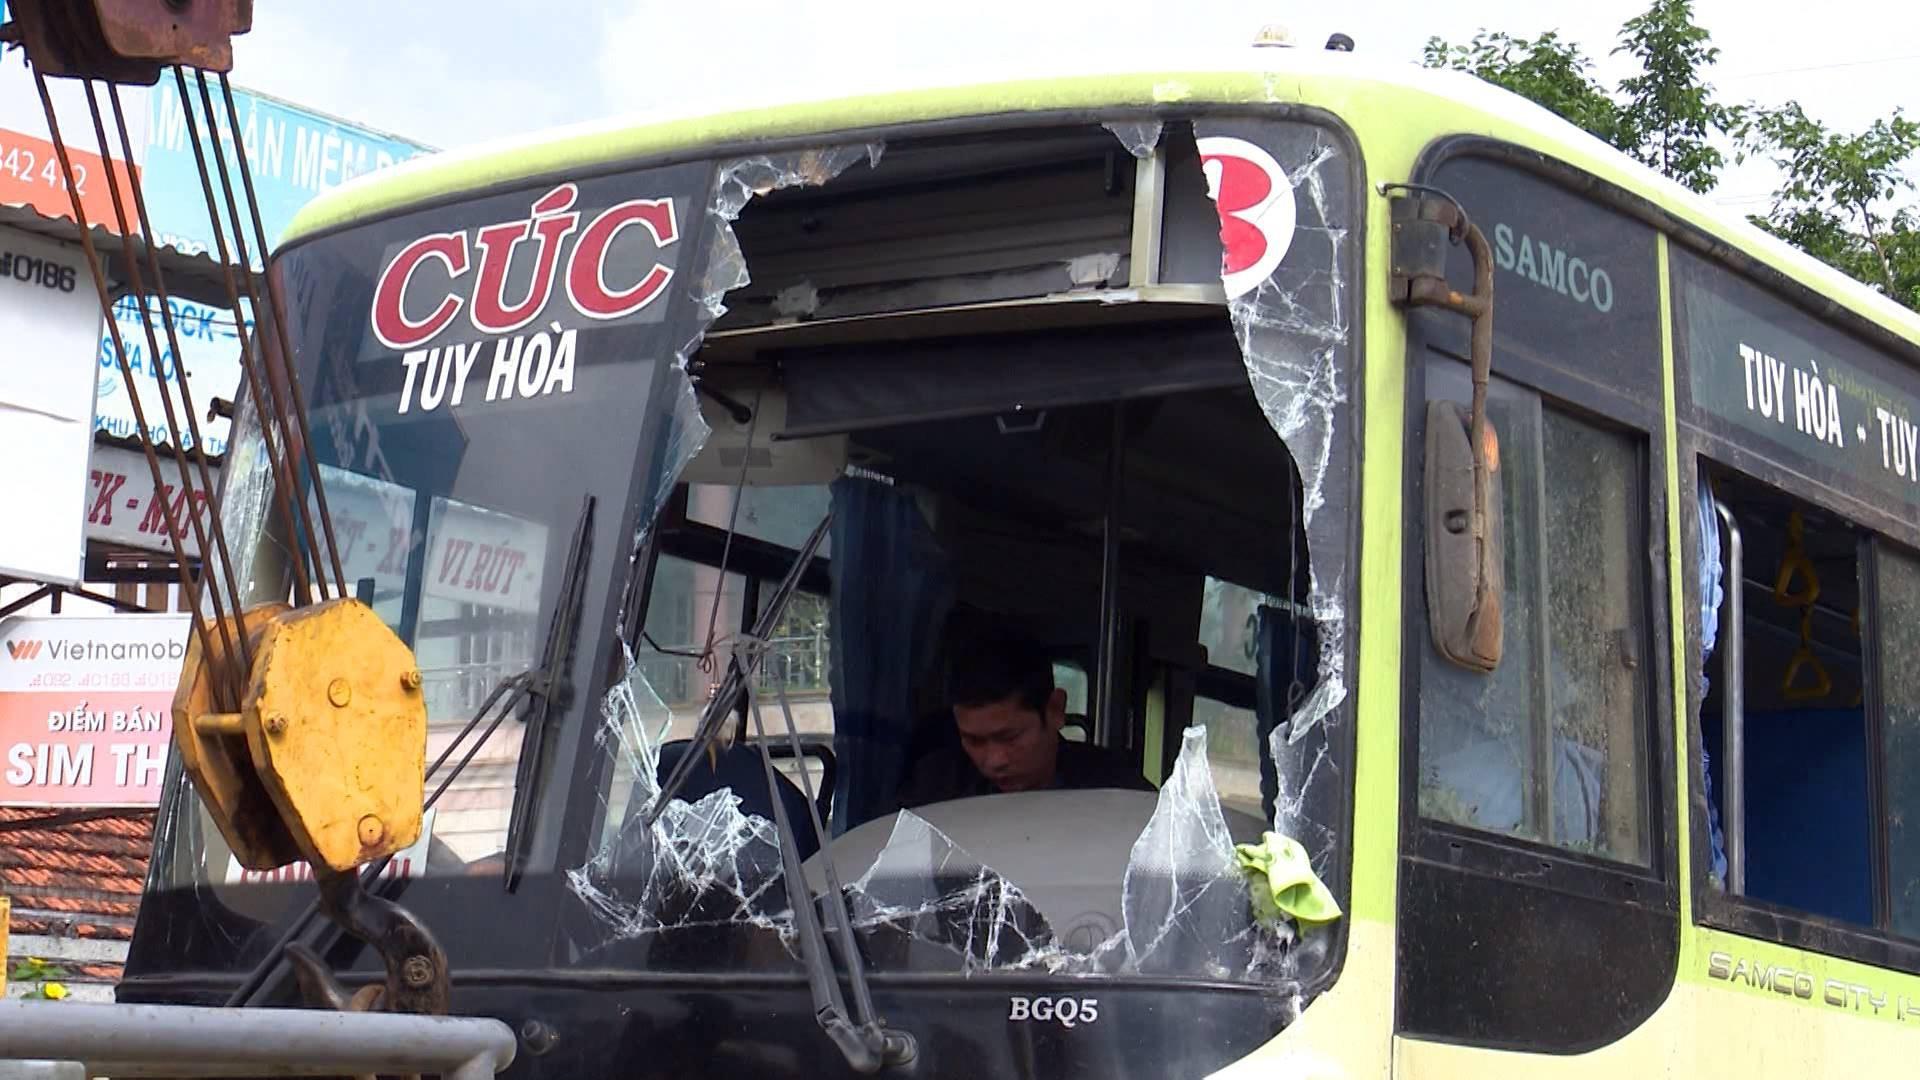 Phú yên: Xe Cúc Tư tông vào lề đường rồi lật úp, 3 hành khách bị thương - Ảnh 2.